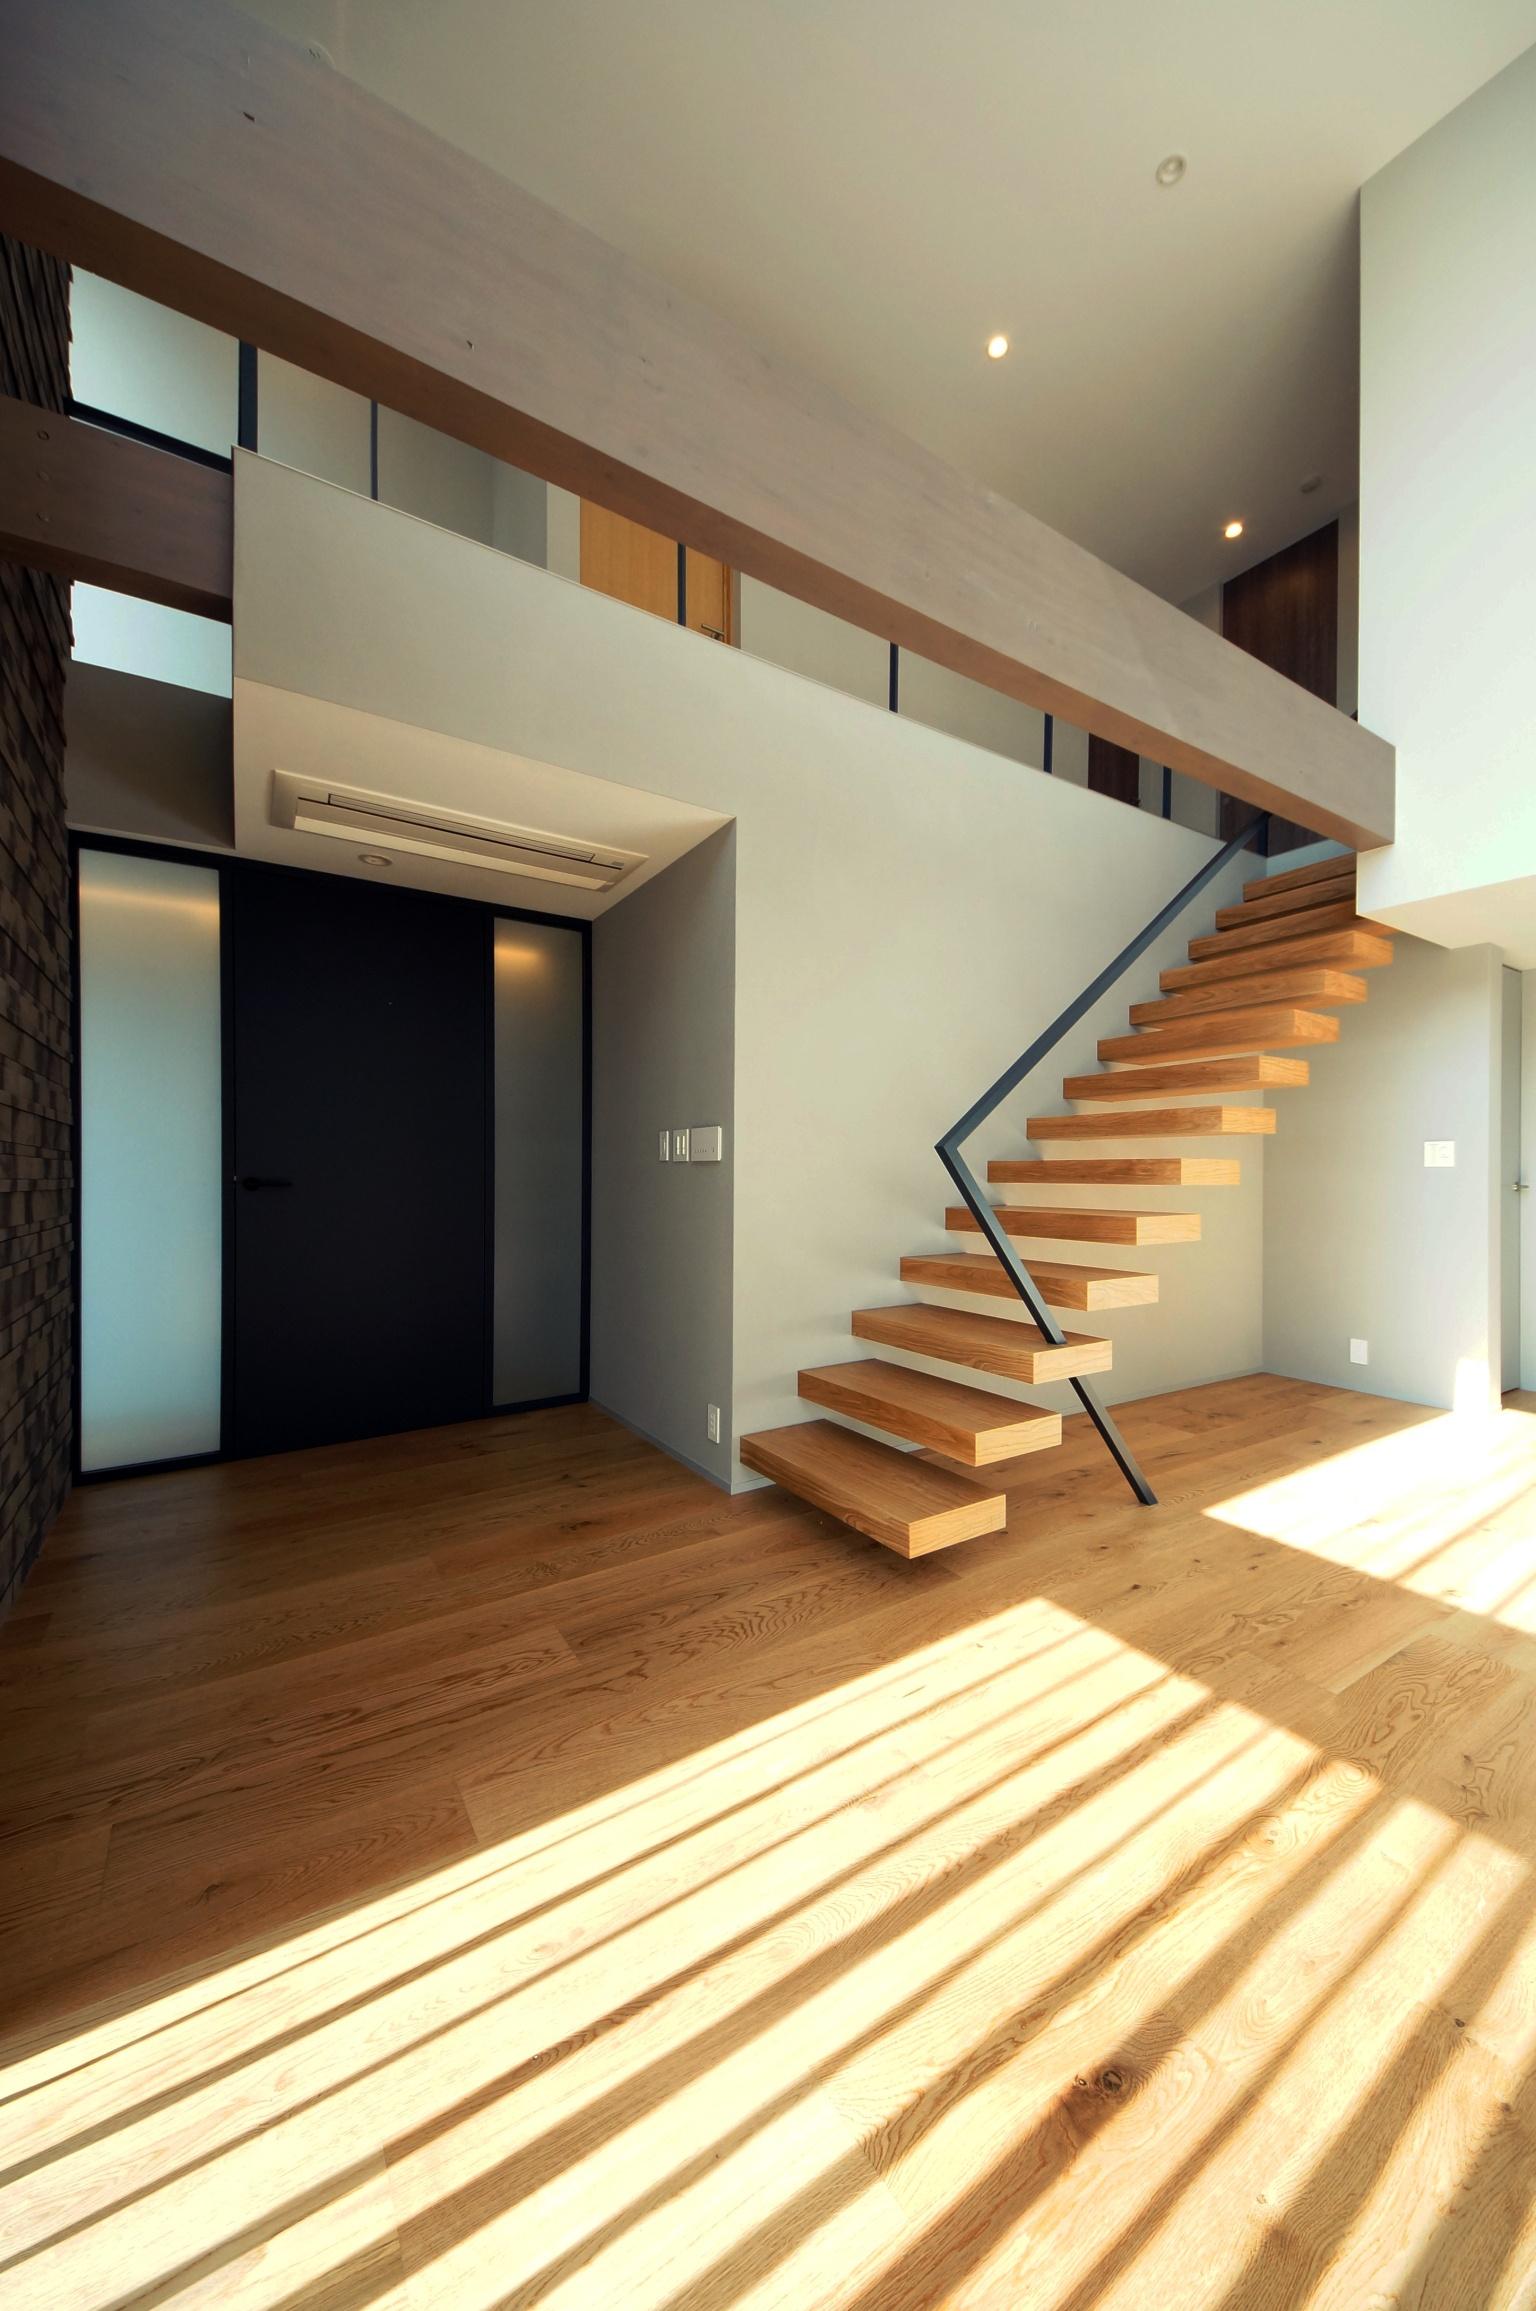 宙に浮かぶ階段で、上下階がシームレスにつながる